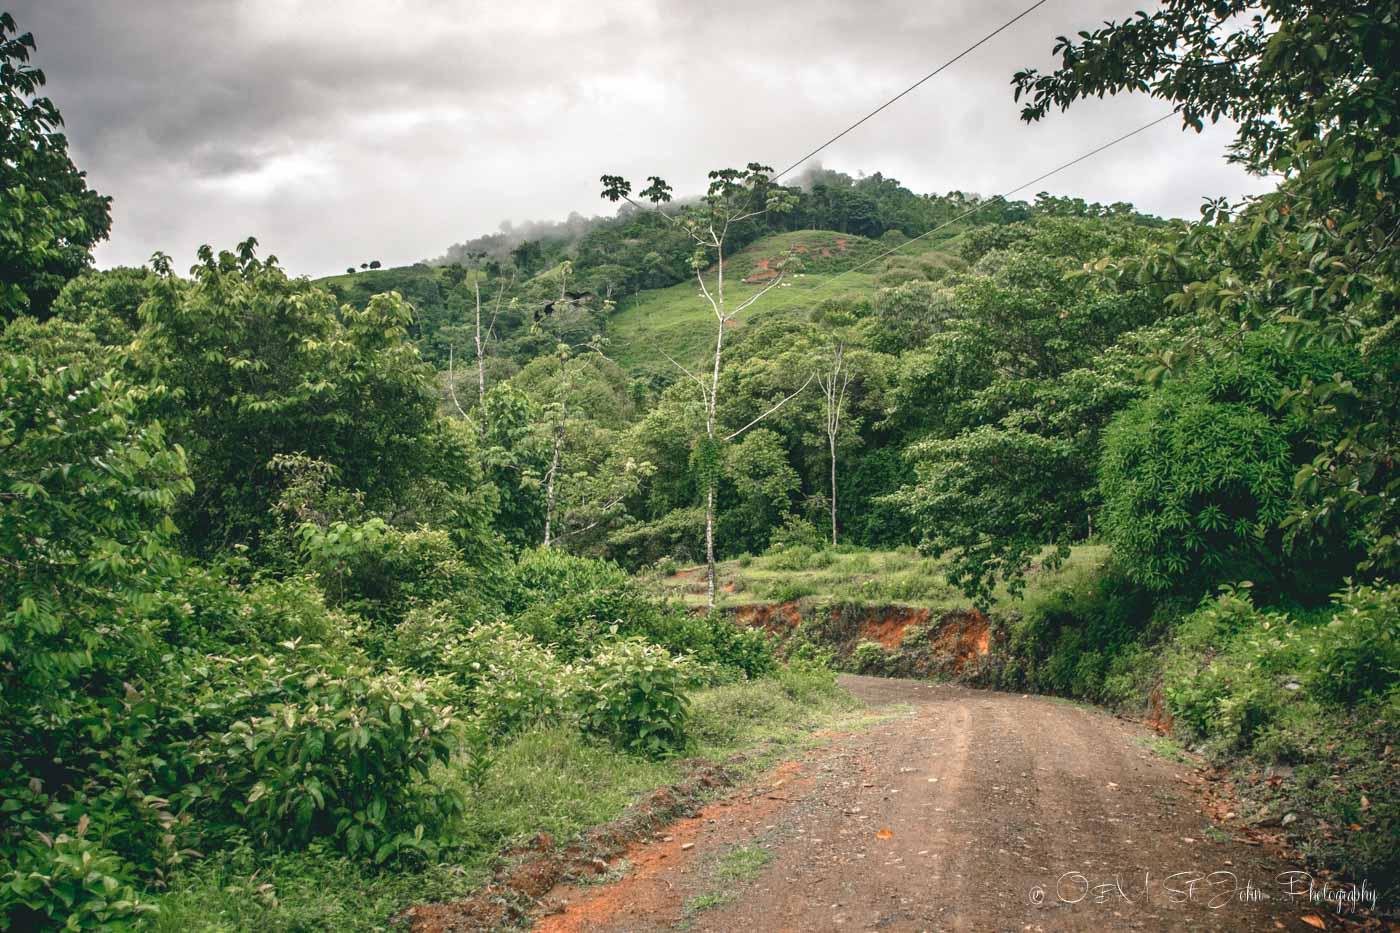 The road to the Nauyaca Waterfalls